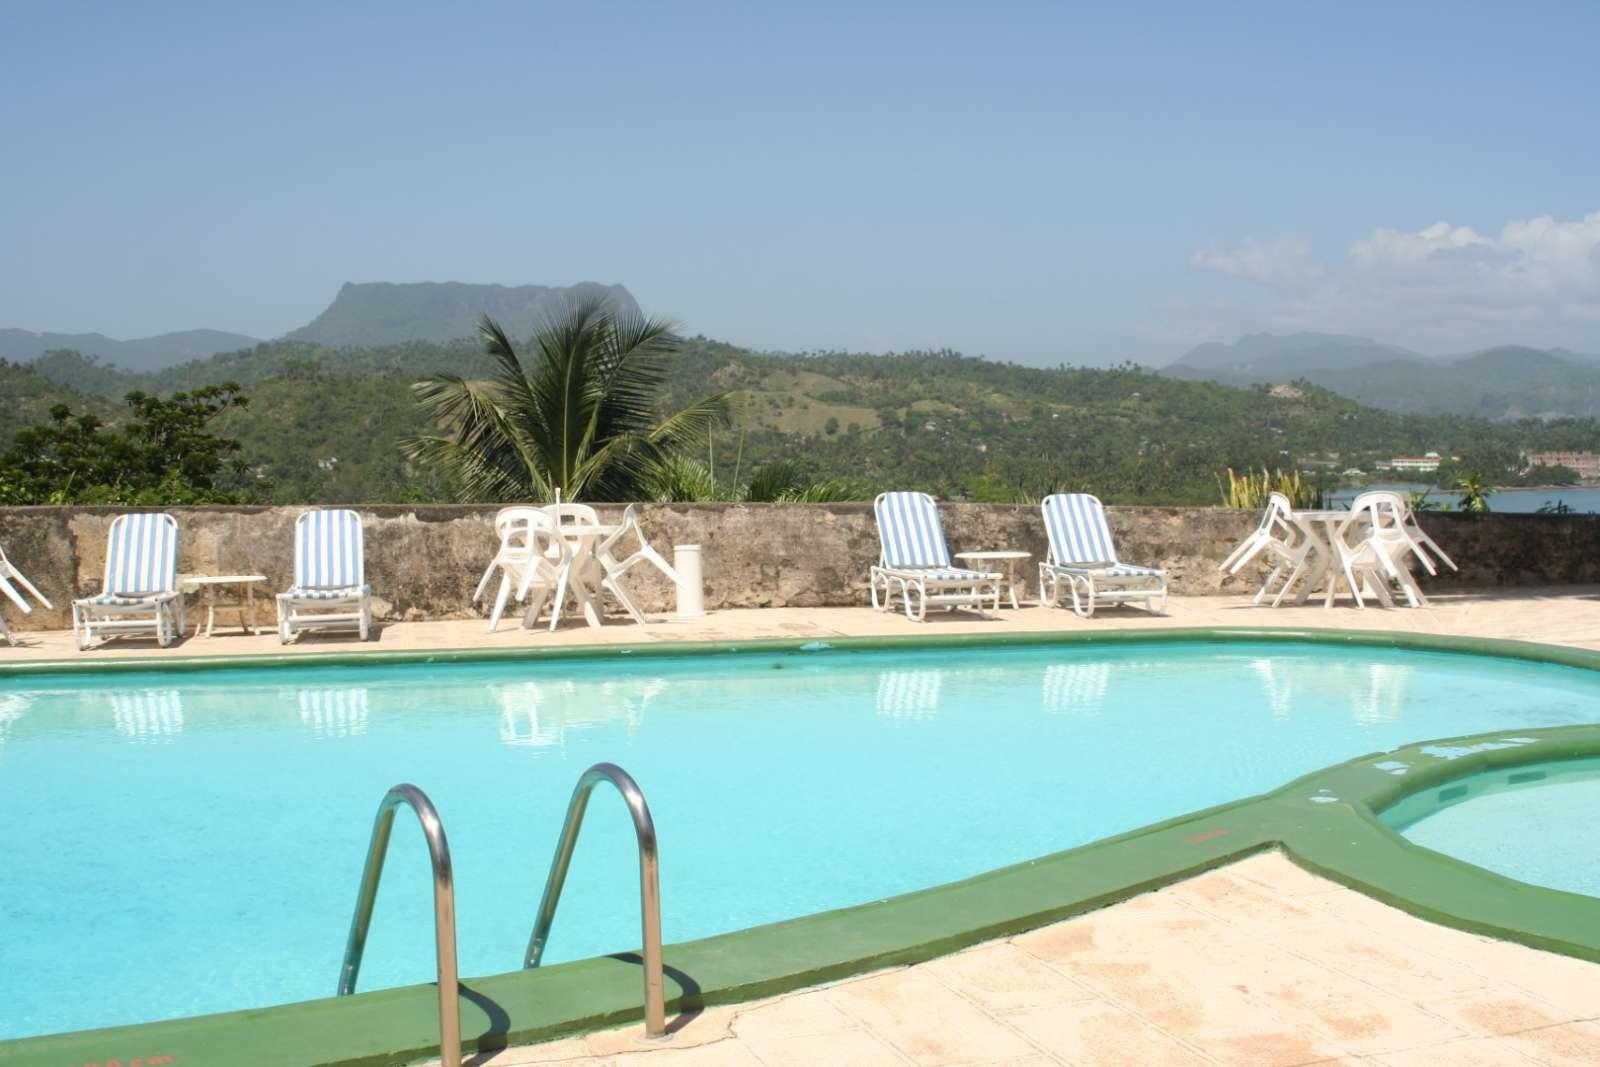 Pool at Hotel El Castillo